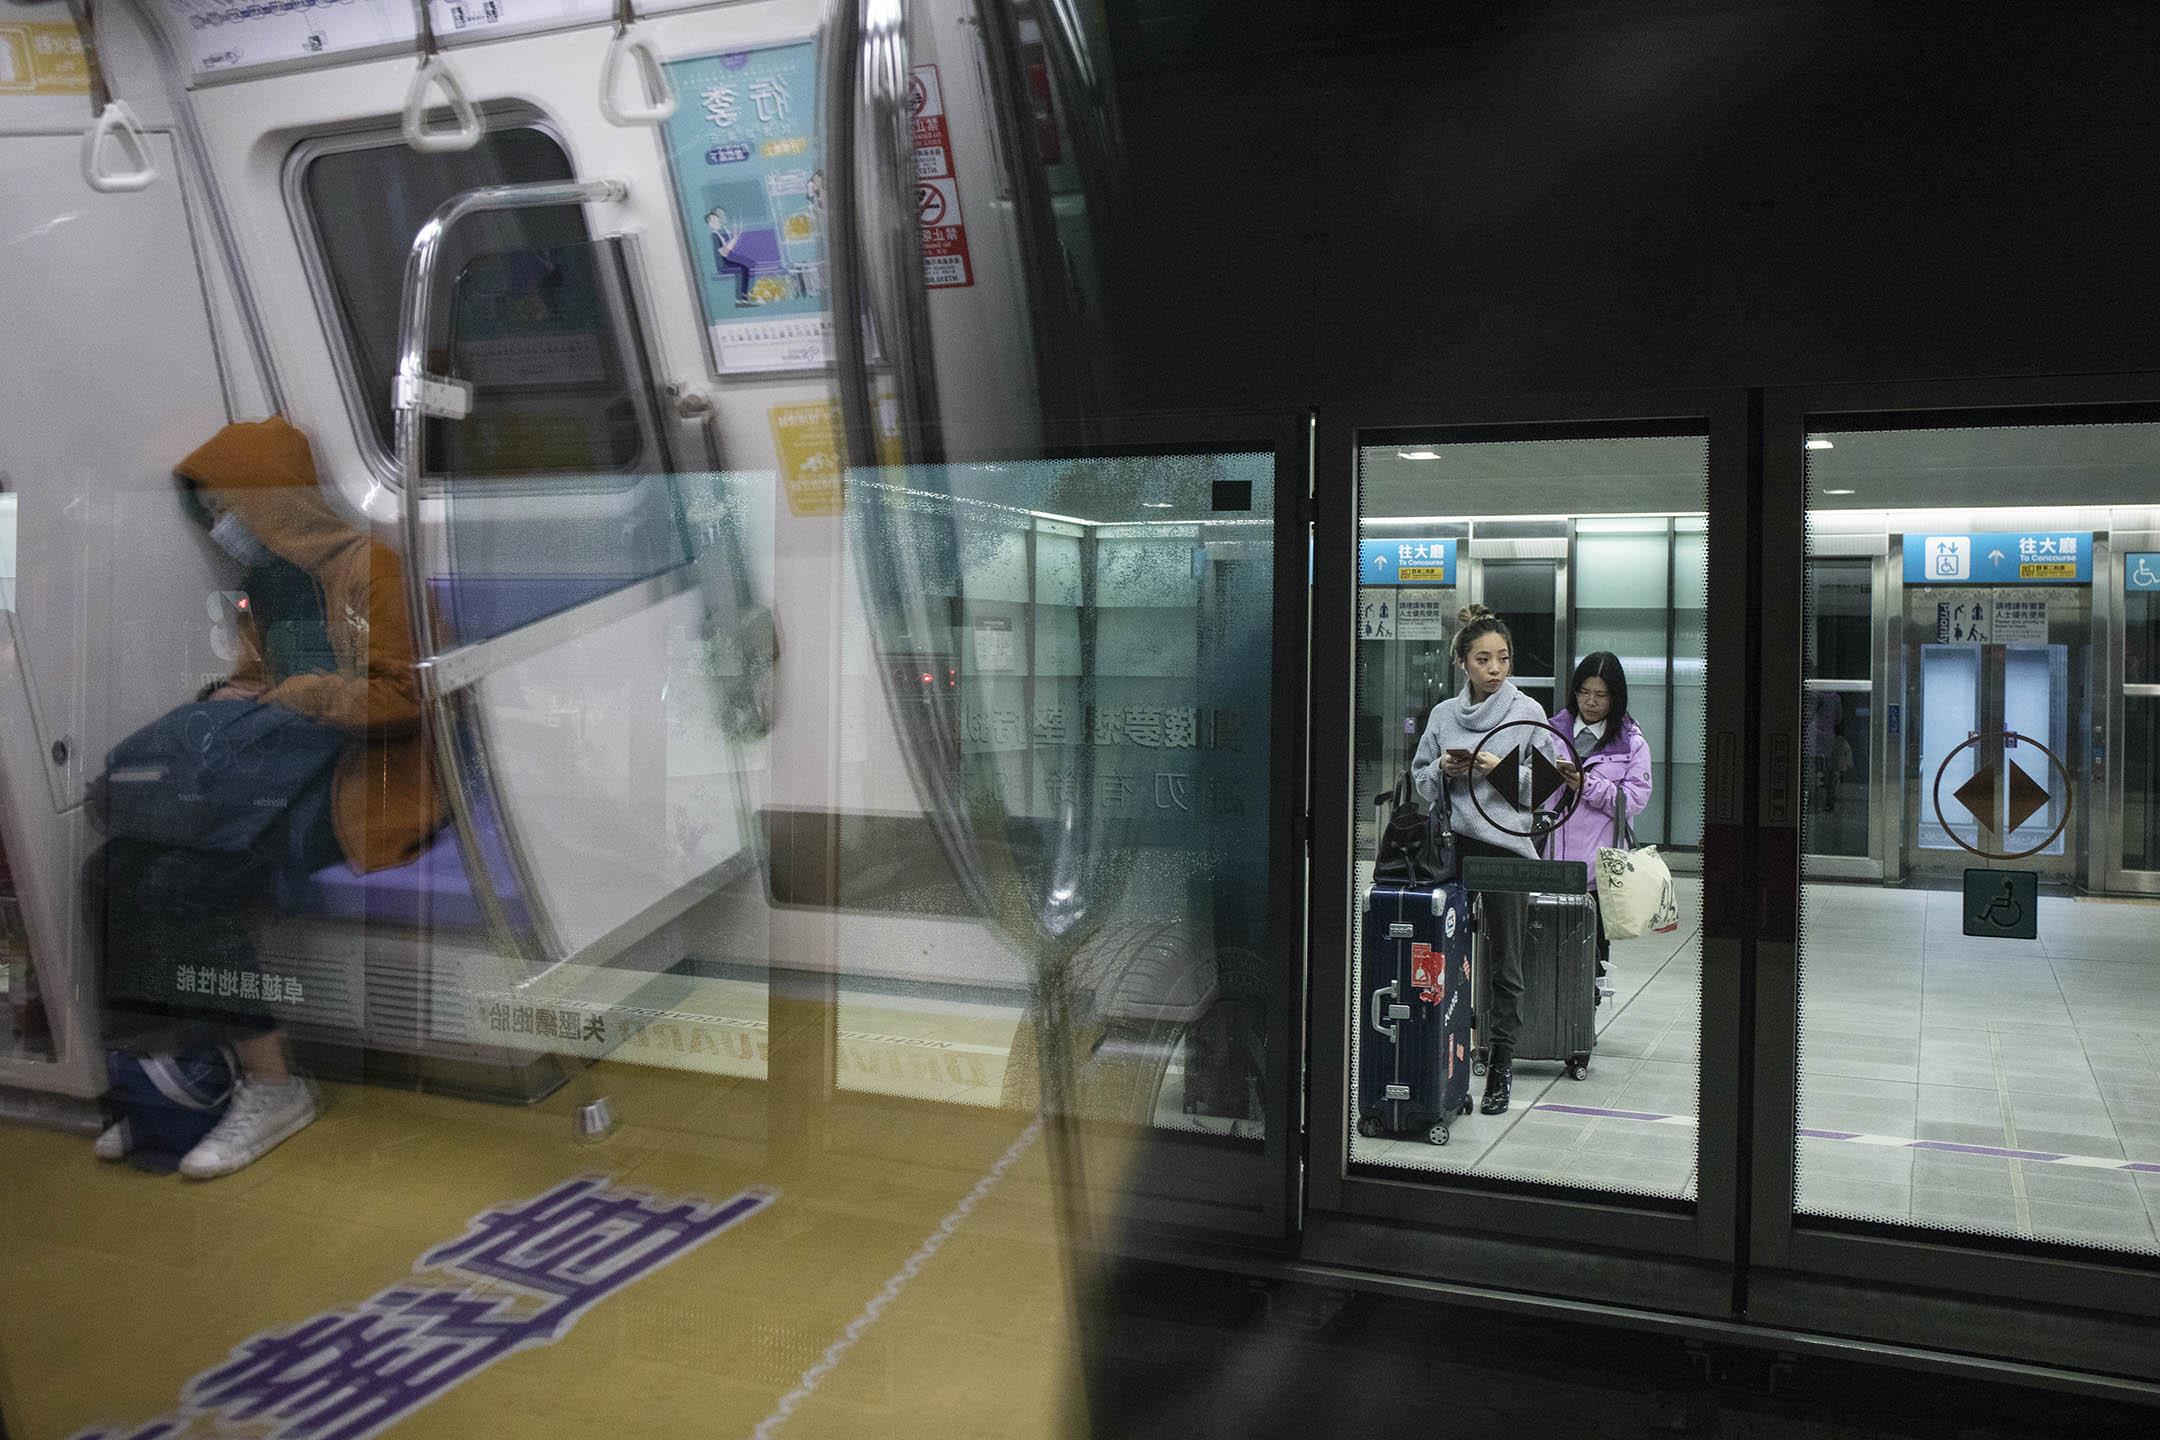 桃園機場捷運。 攝:陳焯煇/端傳媒